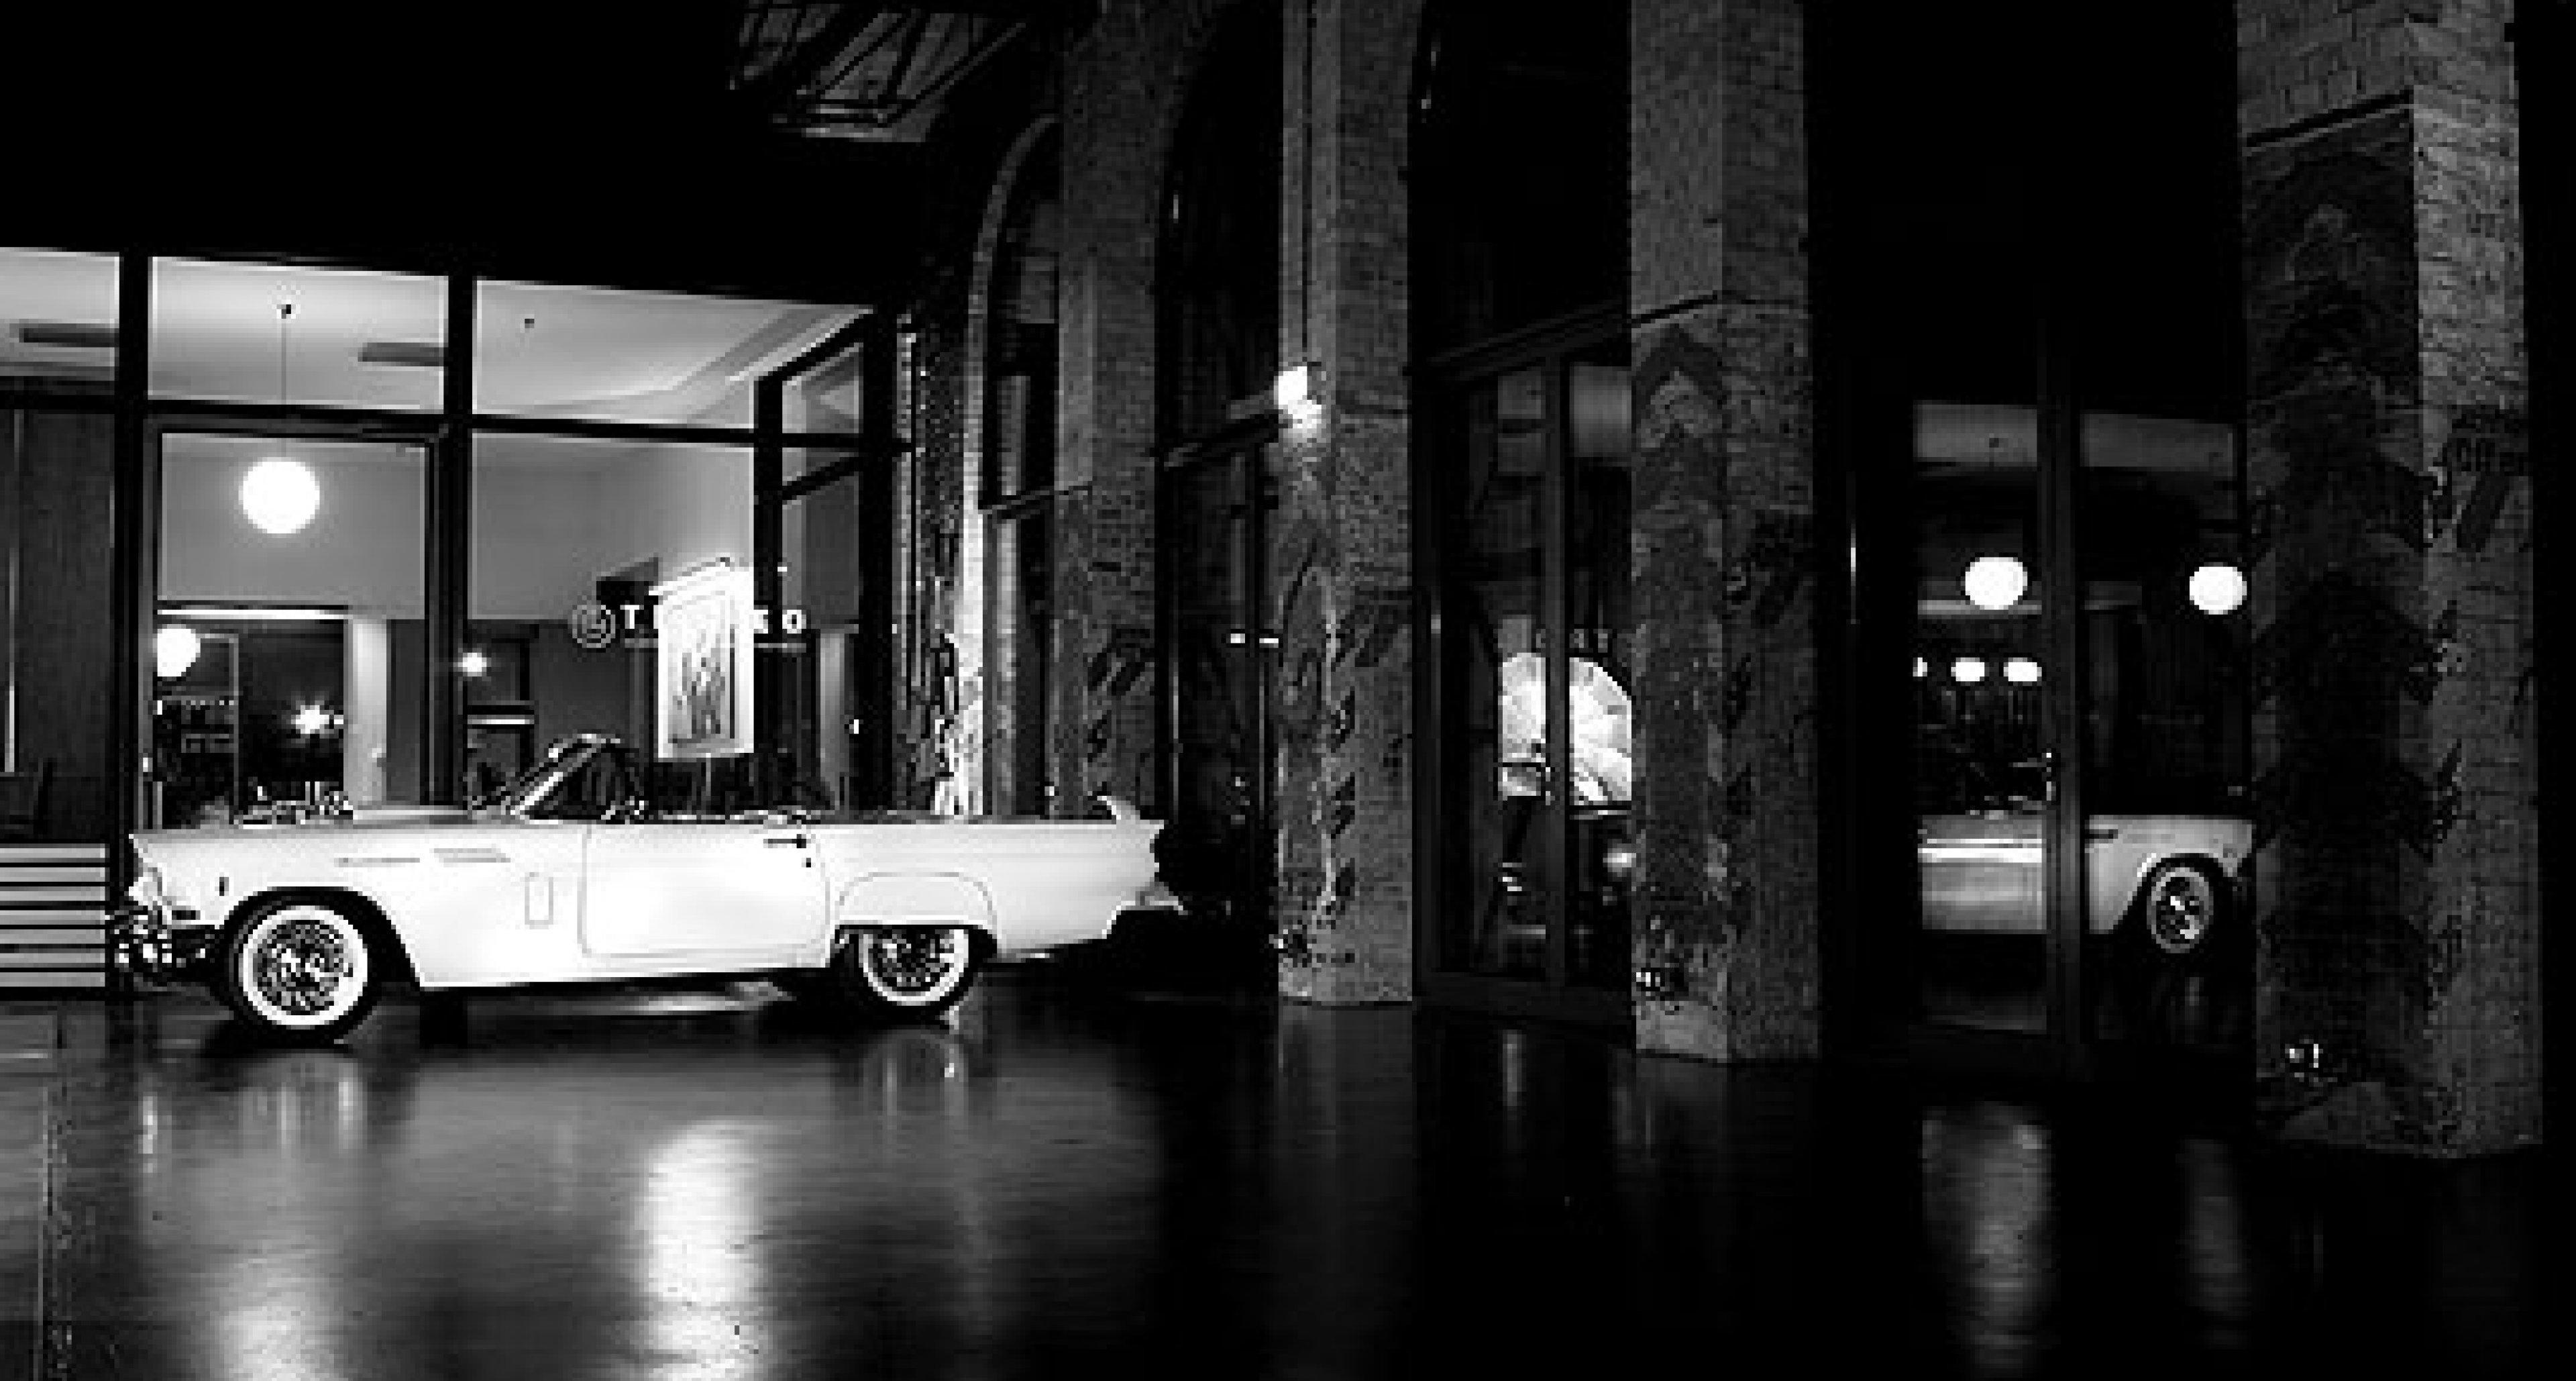 Händlerportrait: BMC MotorClassic GmbH